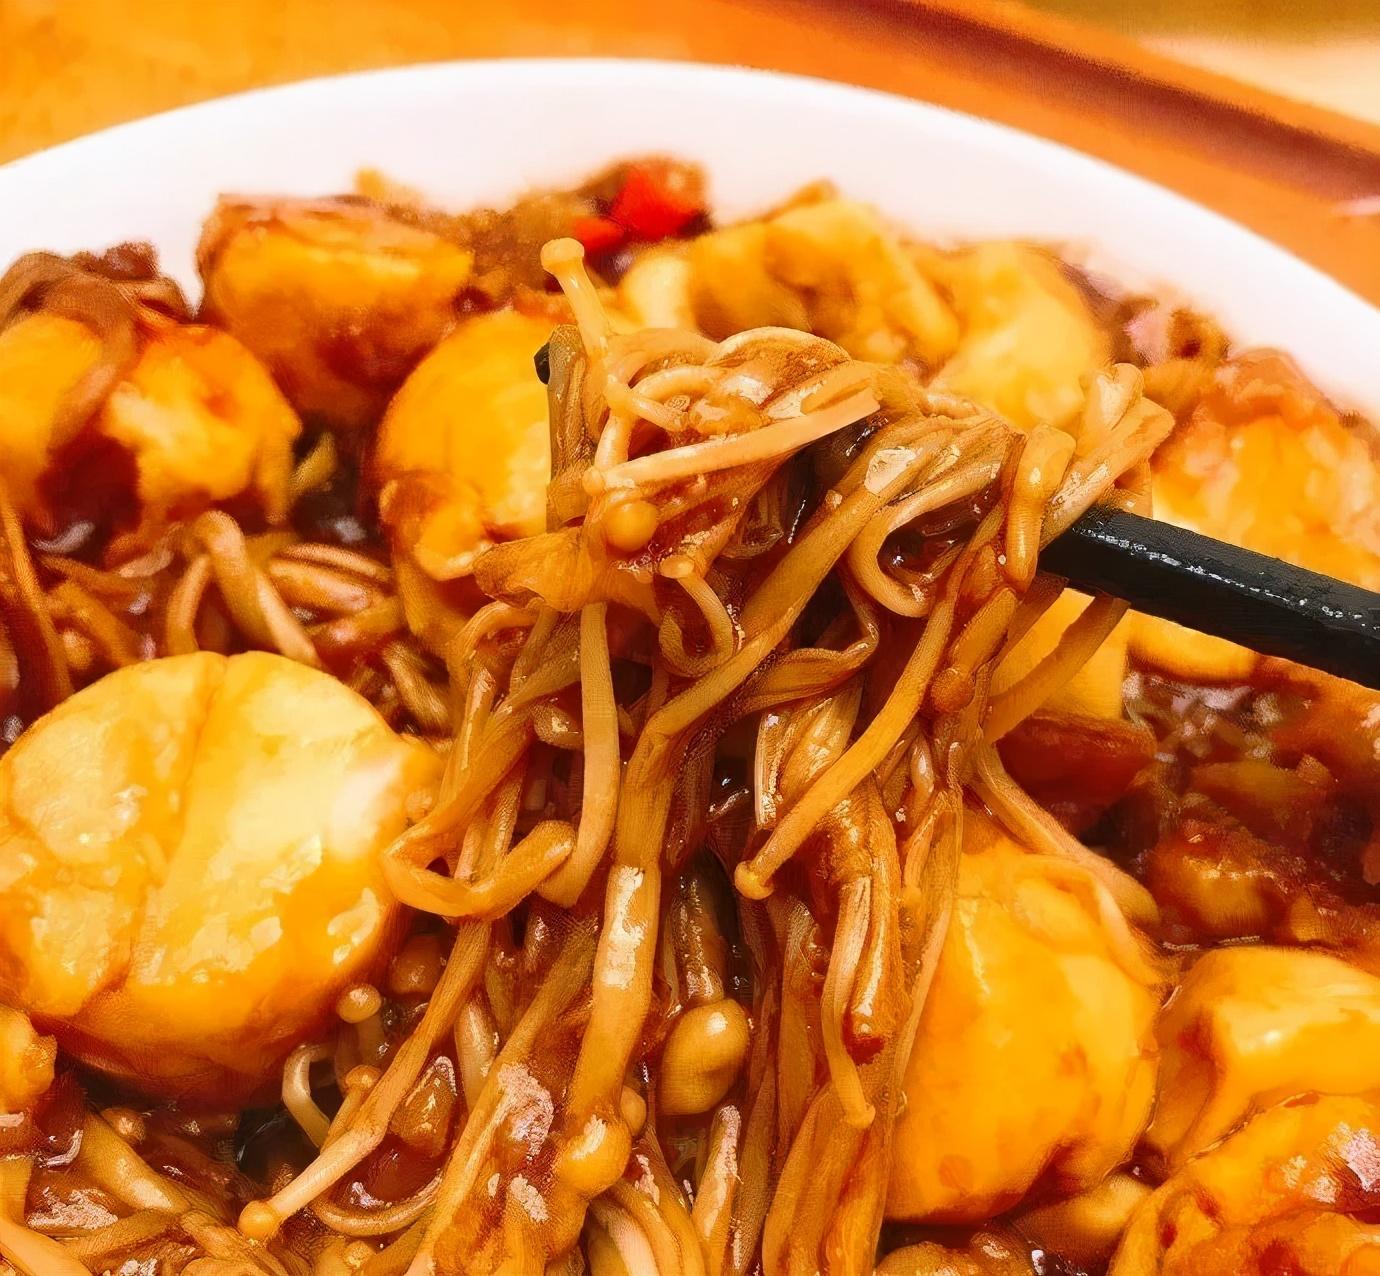 上档次的10道家常菜,简单美味,来客人时做着吃,不用下馆子 美食做法 第10张